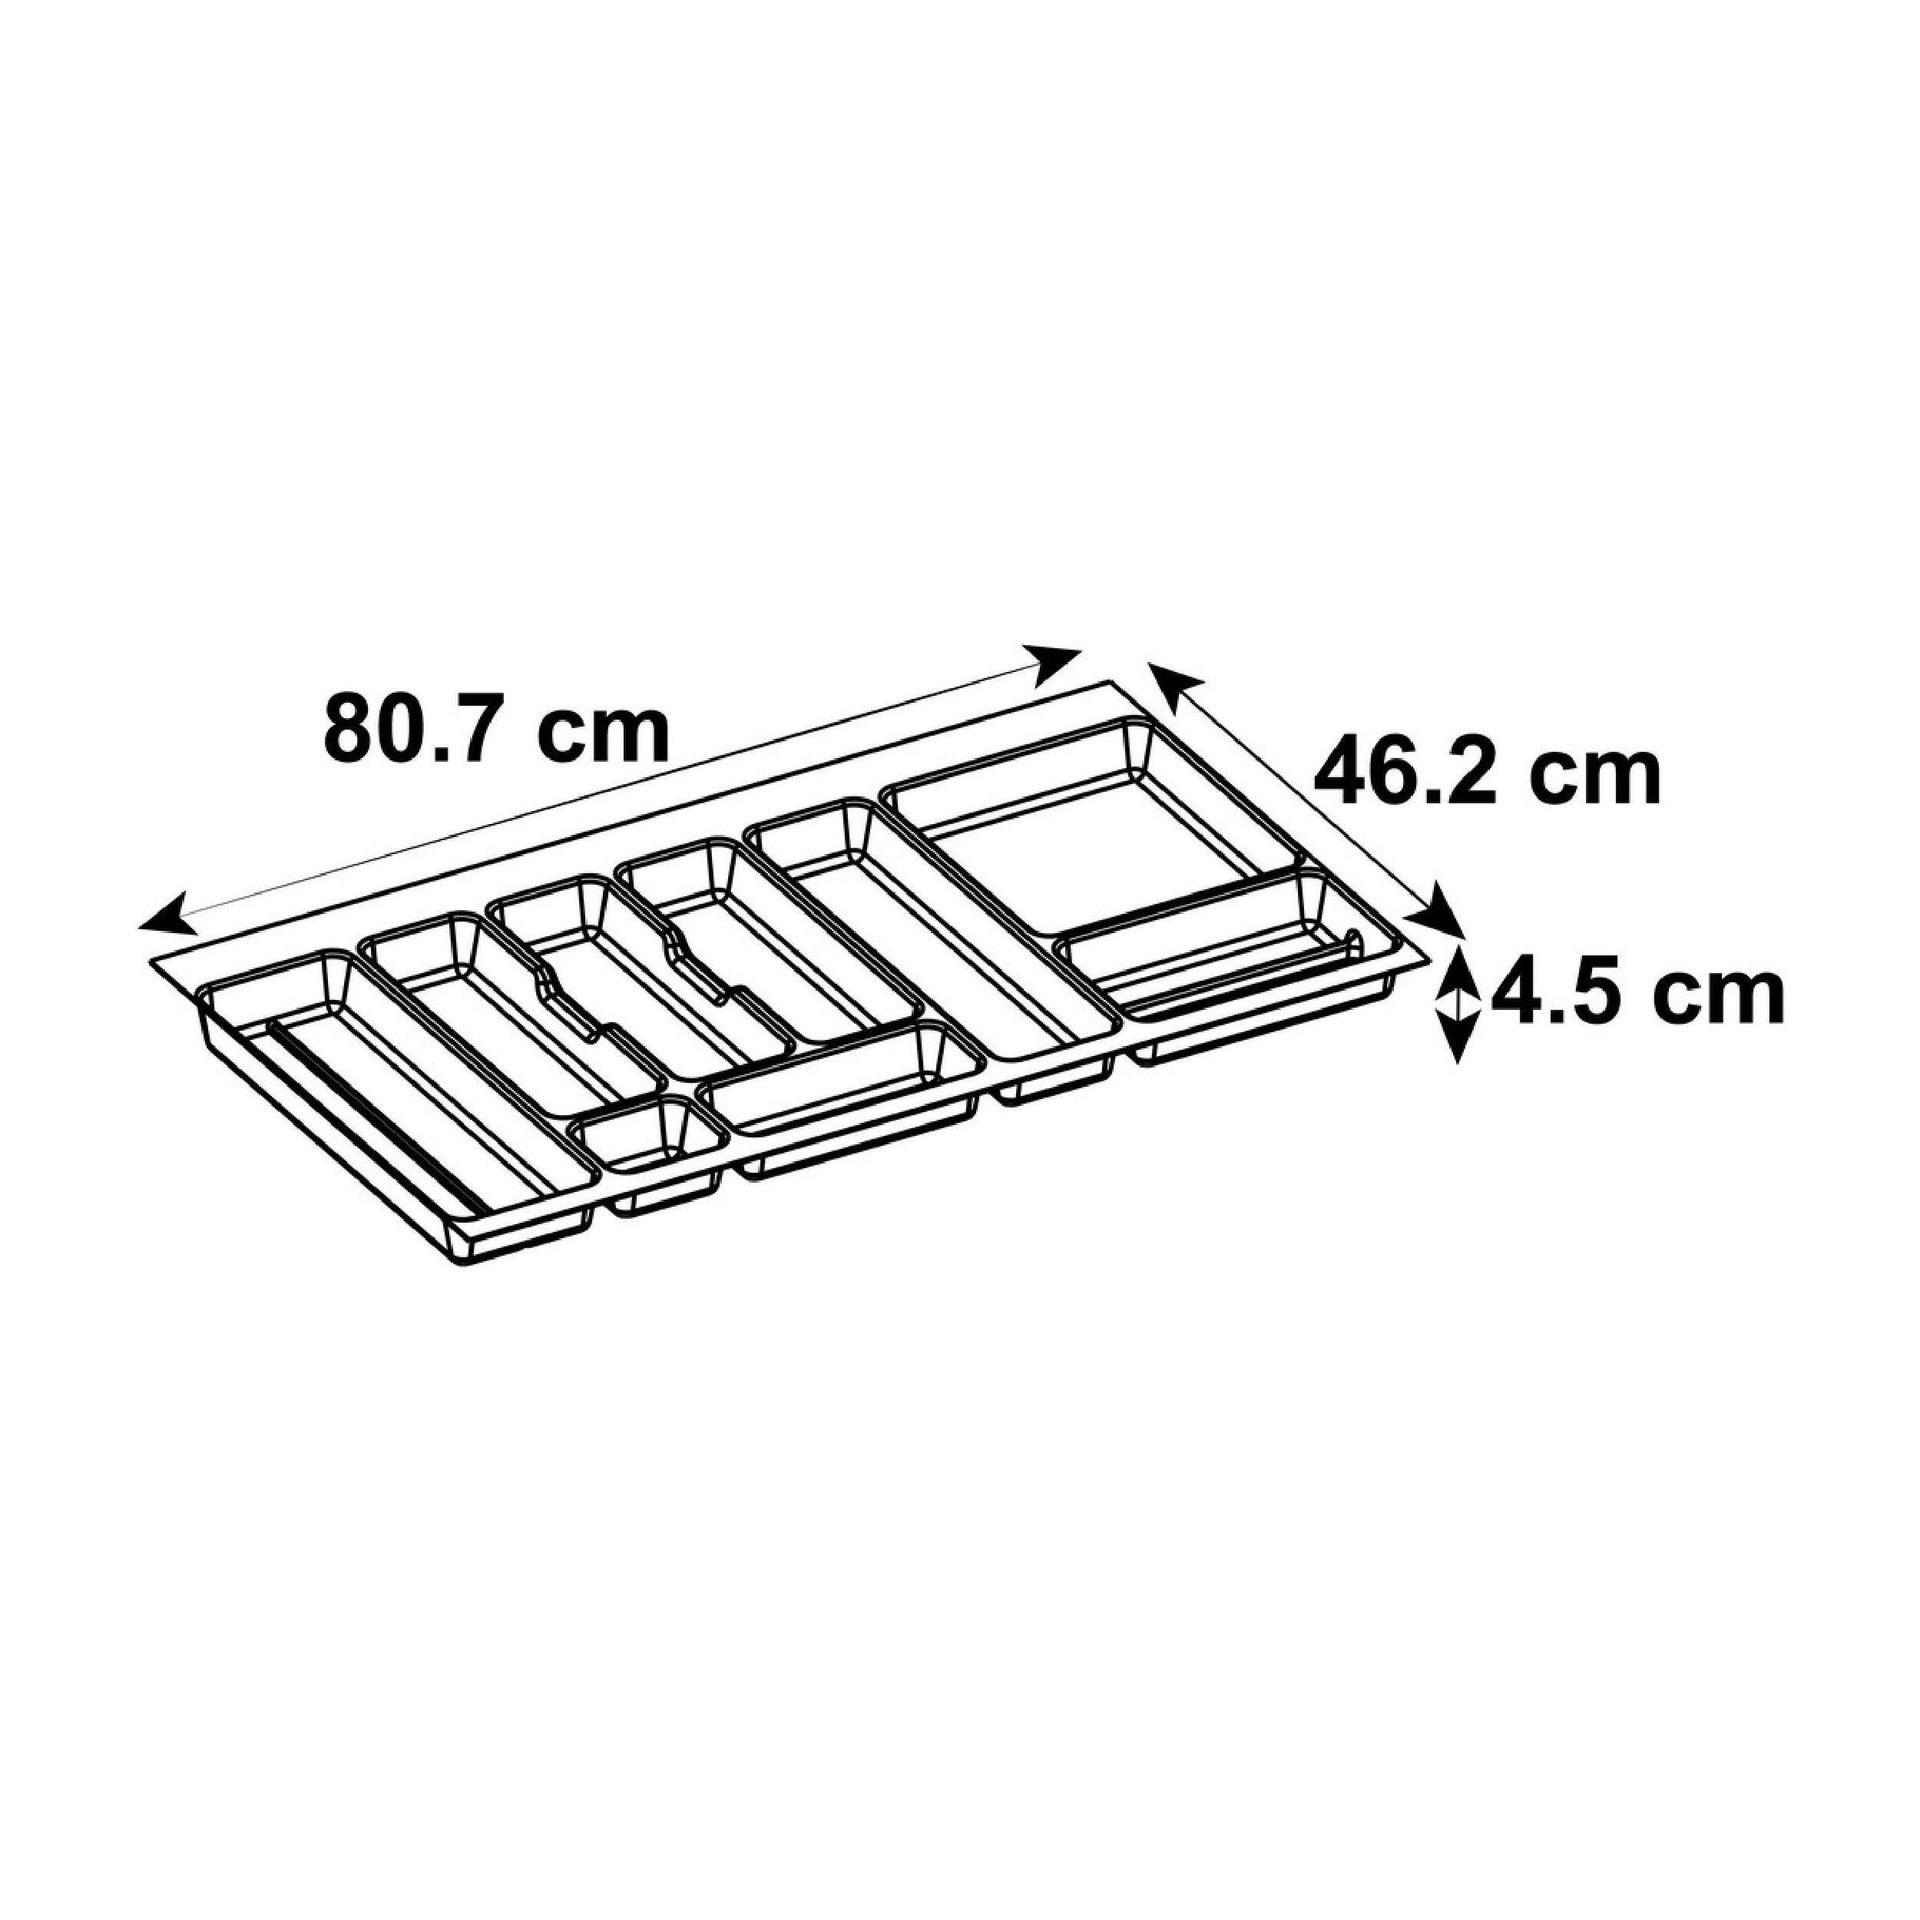 Portaposate L 79.8 x P 79.8 x H 79.8 cm grigio - 4